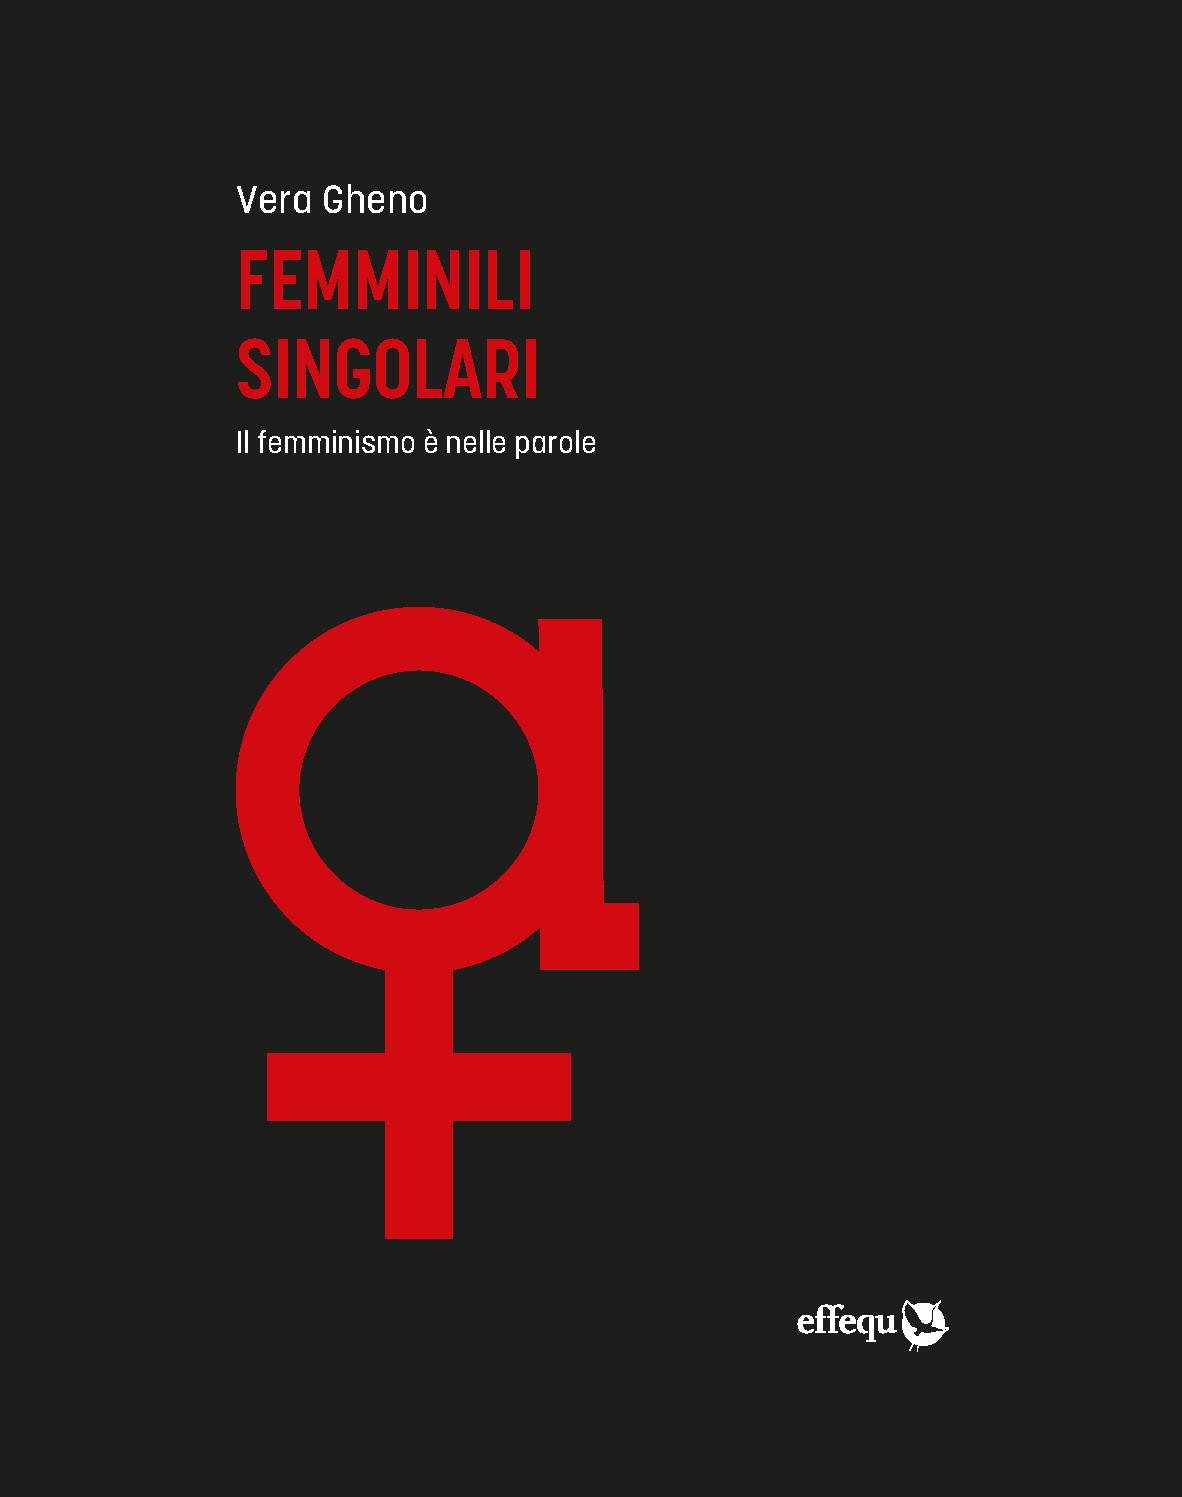 Femminili Singolari è l'ultimo libro edito da Vera Gheno, edito da effequ.